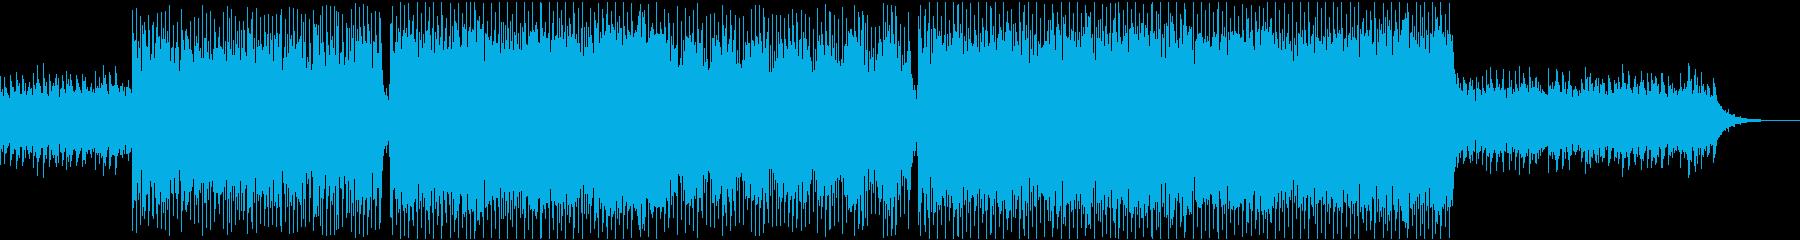 企業VP/爽快/爽やか/OP/壮大の再生済みの波形